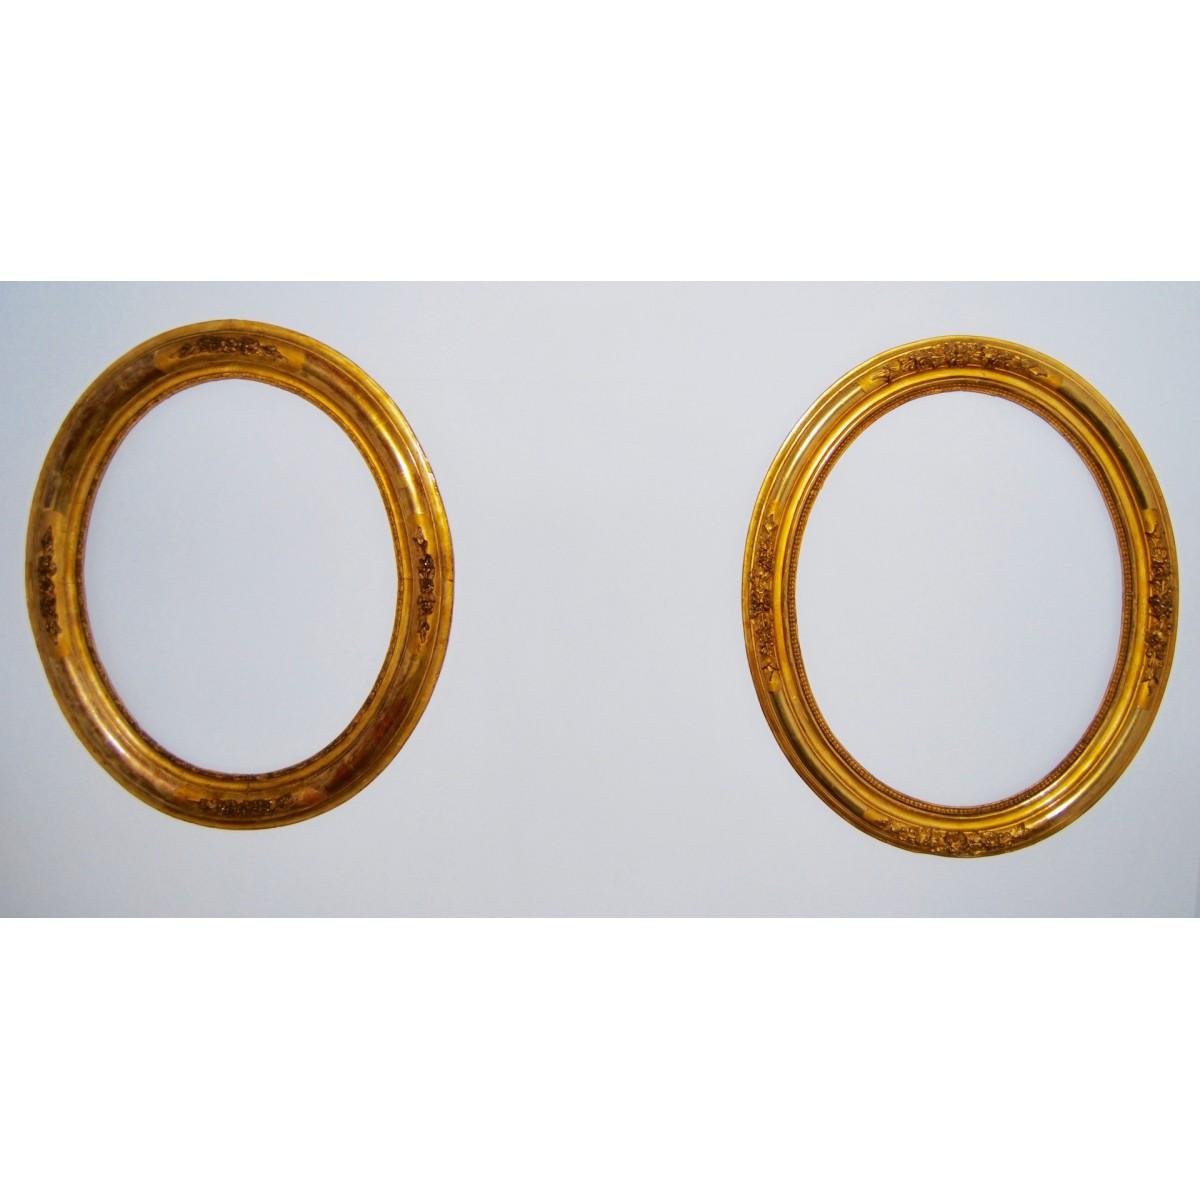 Pareja de marcos ovalados dorados, siglo XIX.